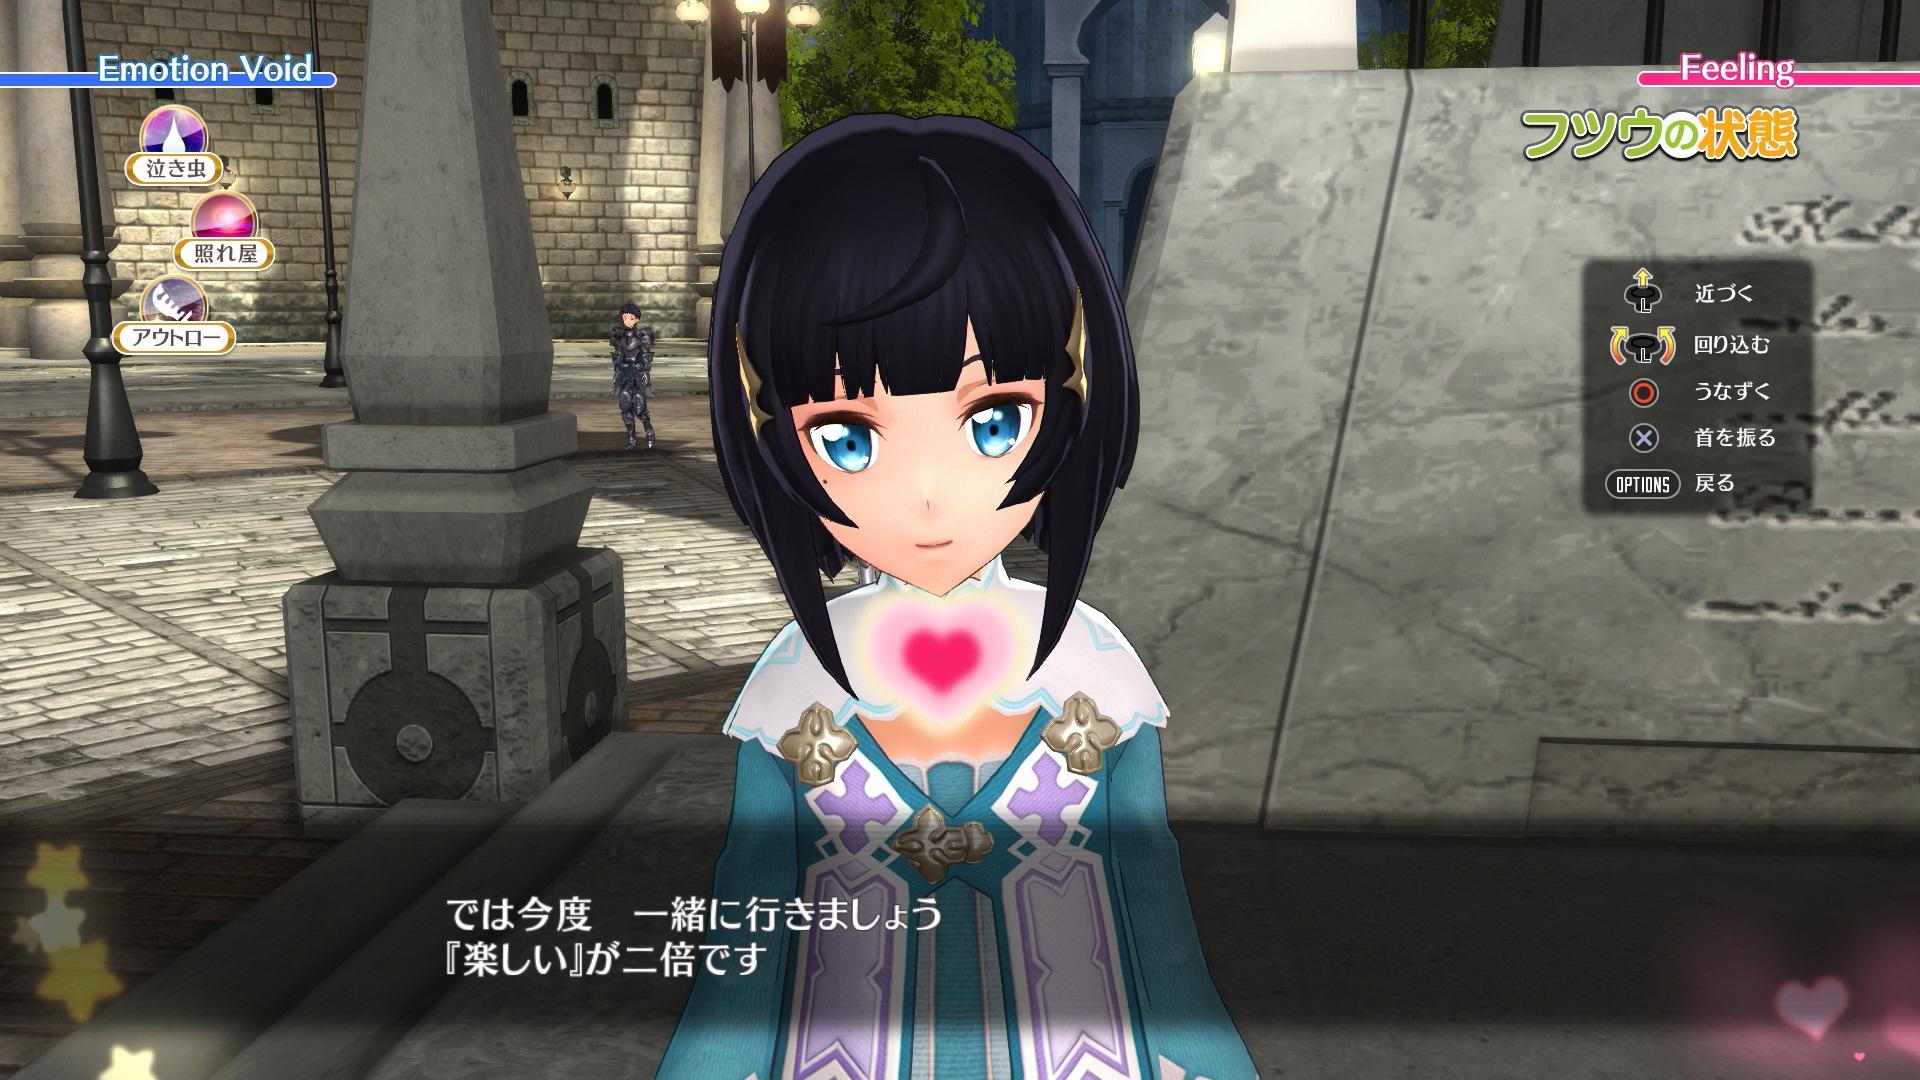 Komunikaci ve Sword Art Online: Hollow Realization budou ovlivňovat pocity 128314